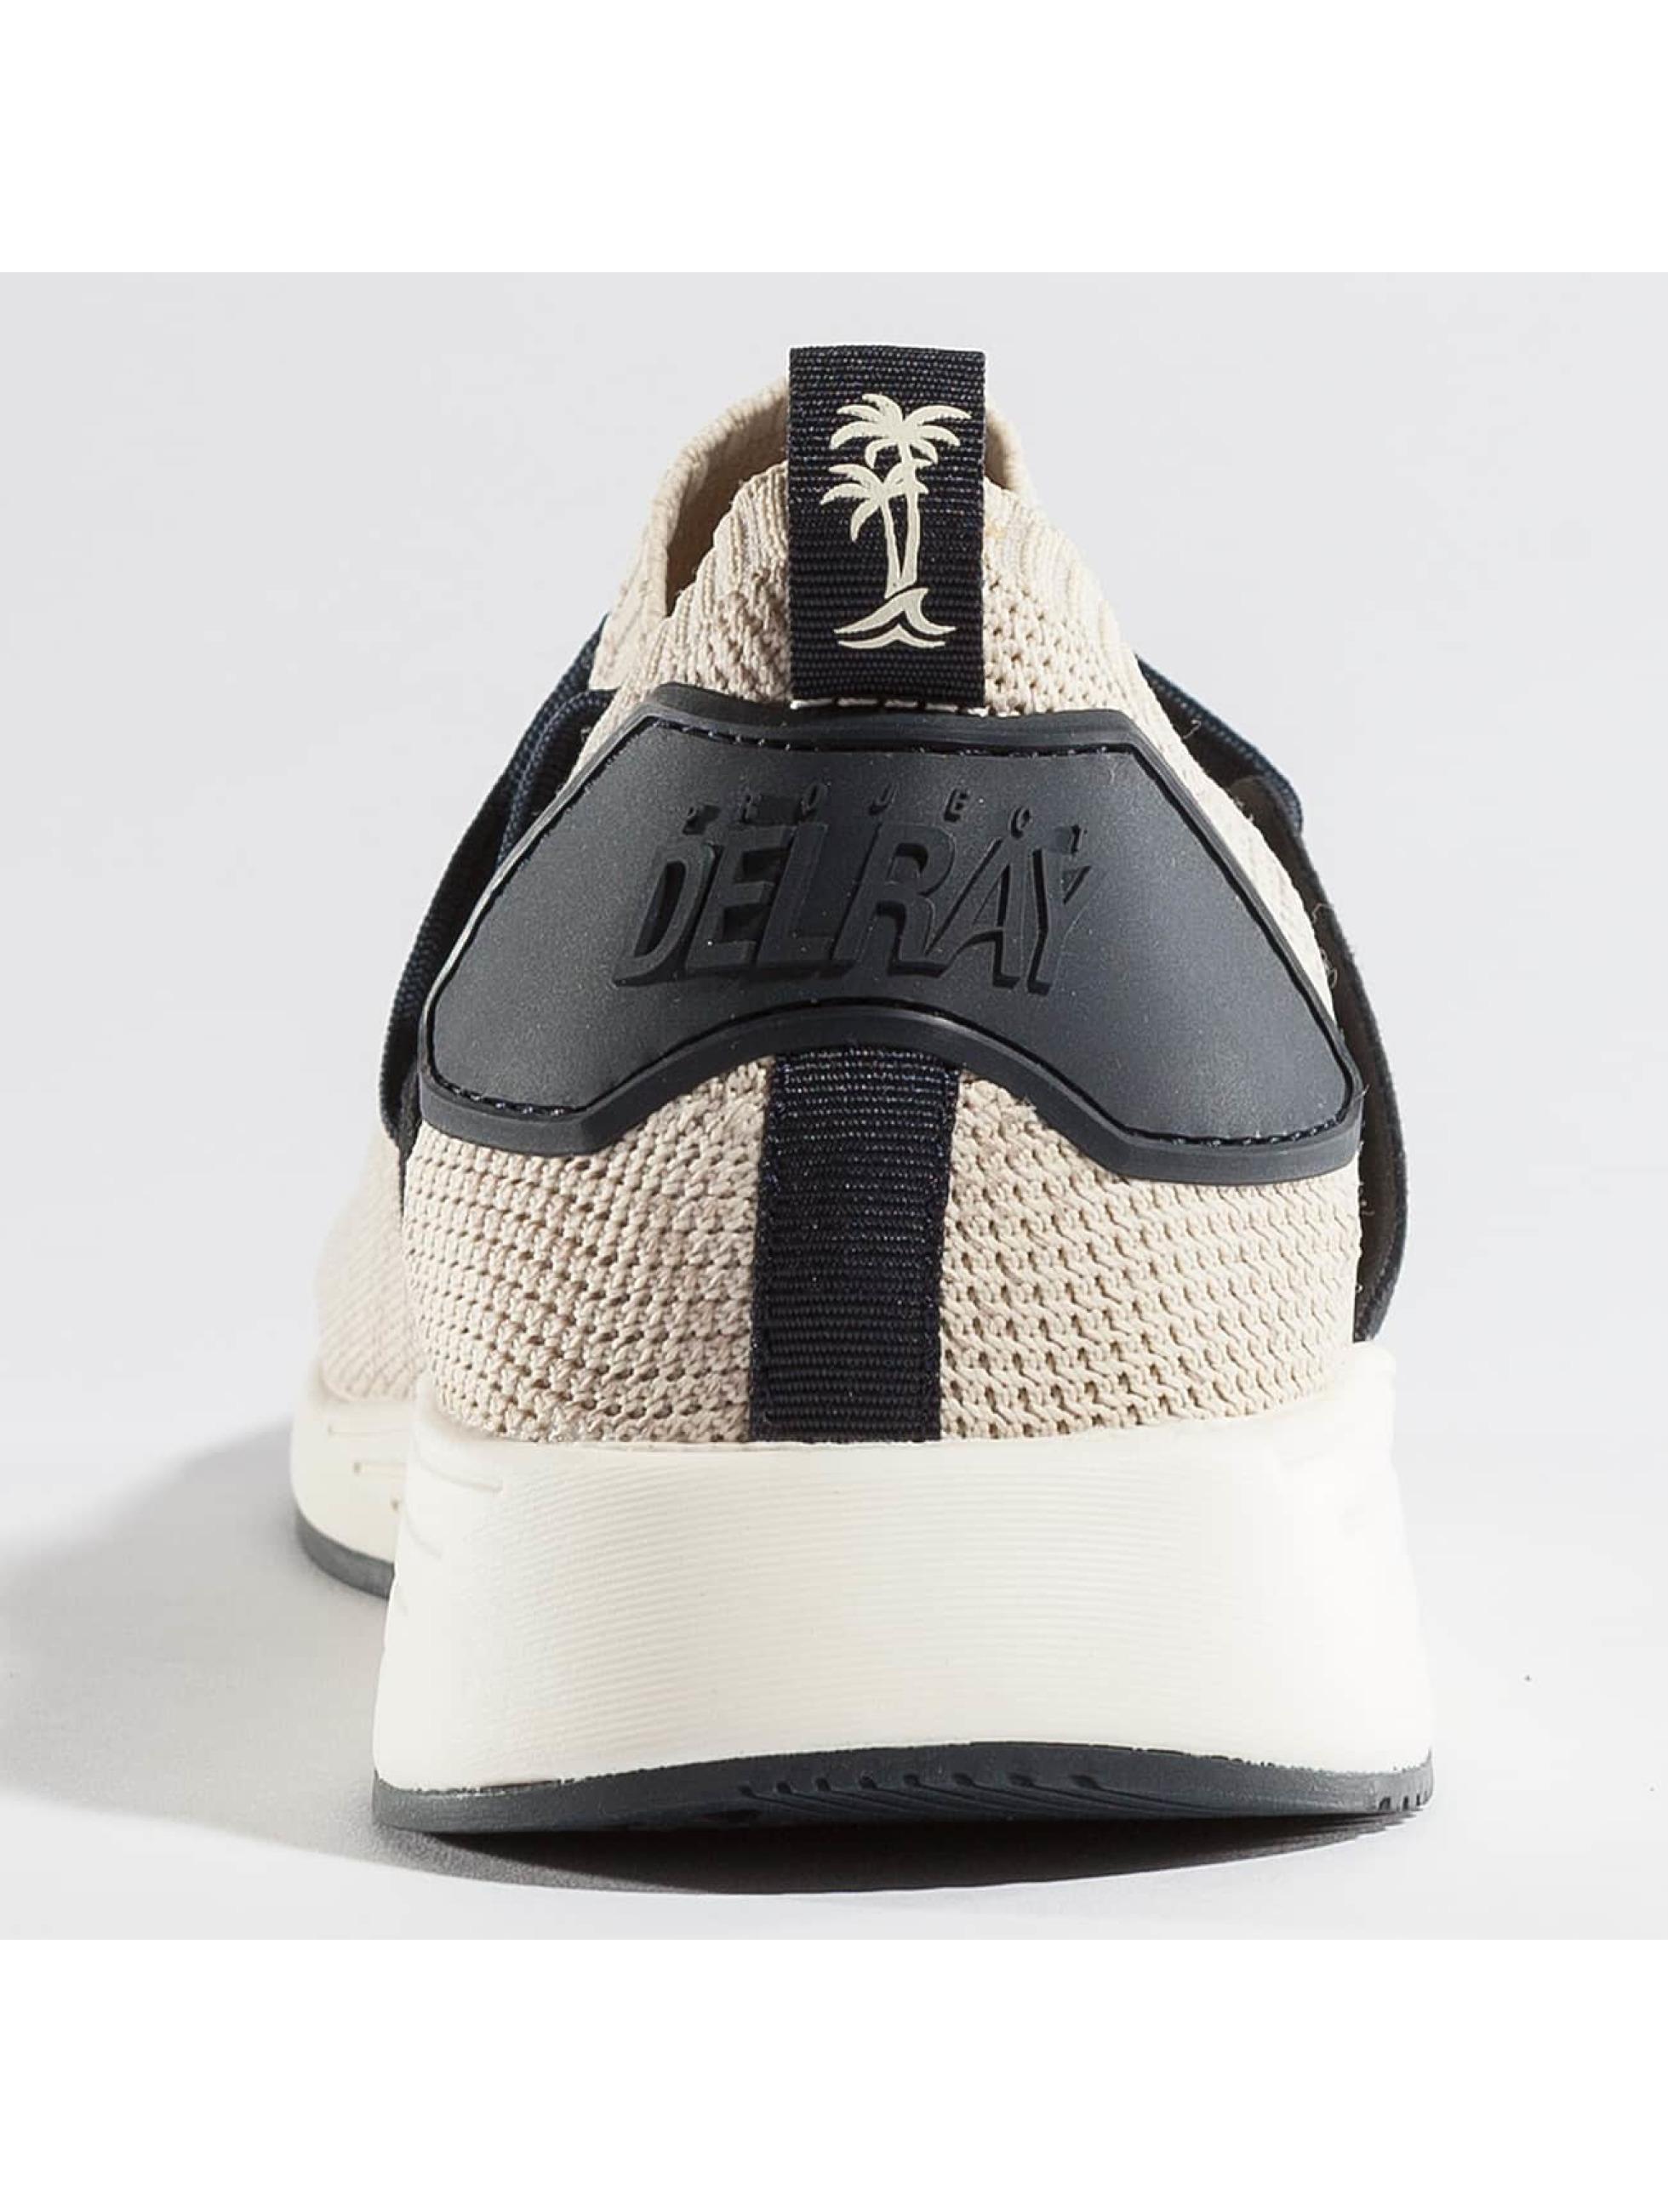 Project Delray Sneaker Wavey beige